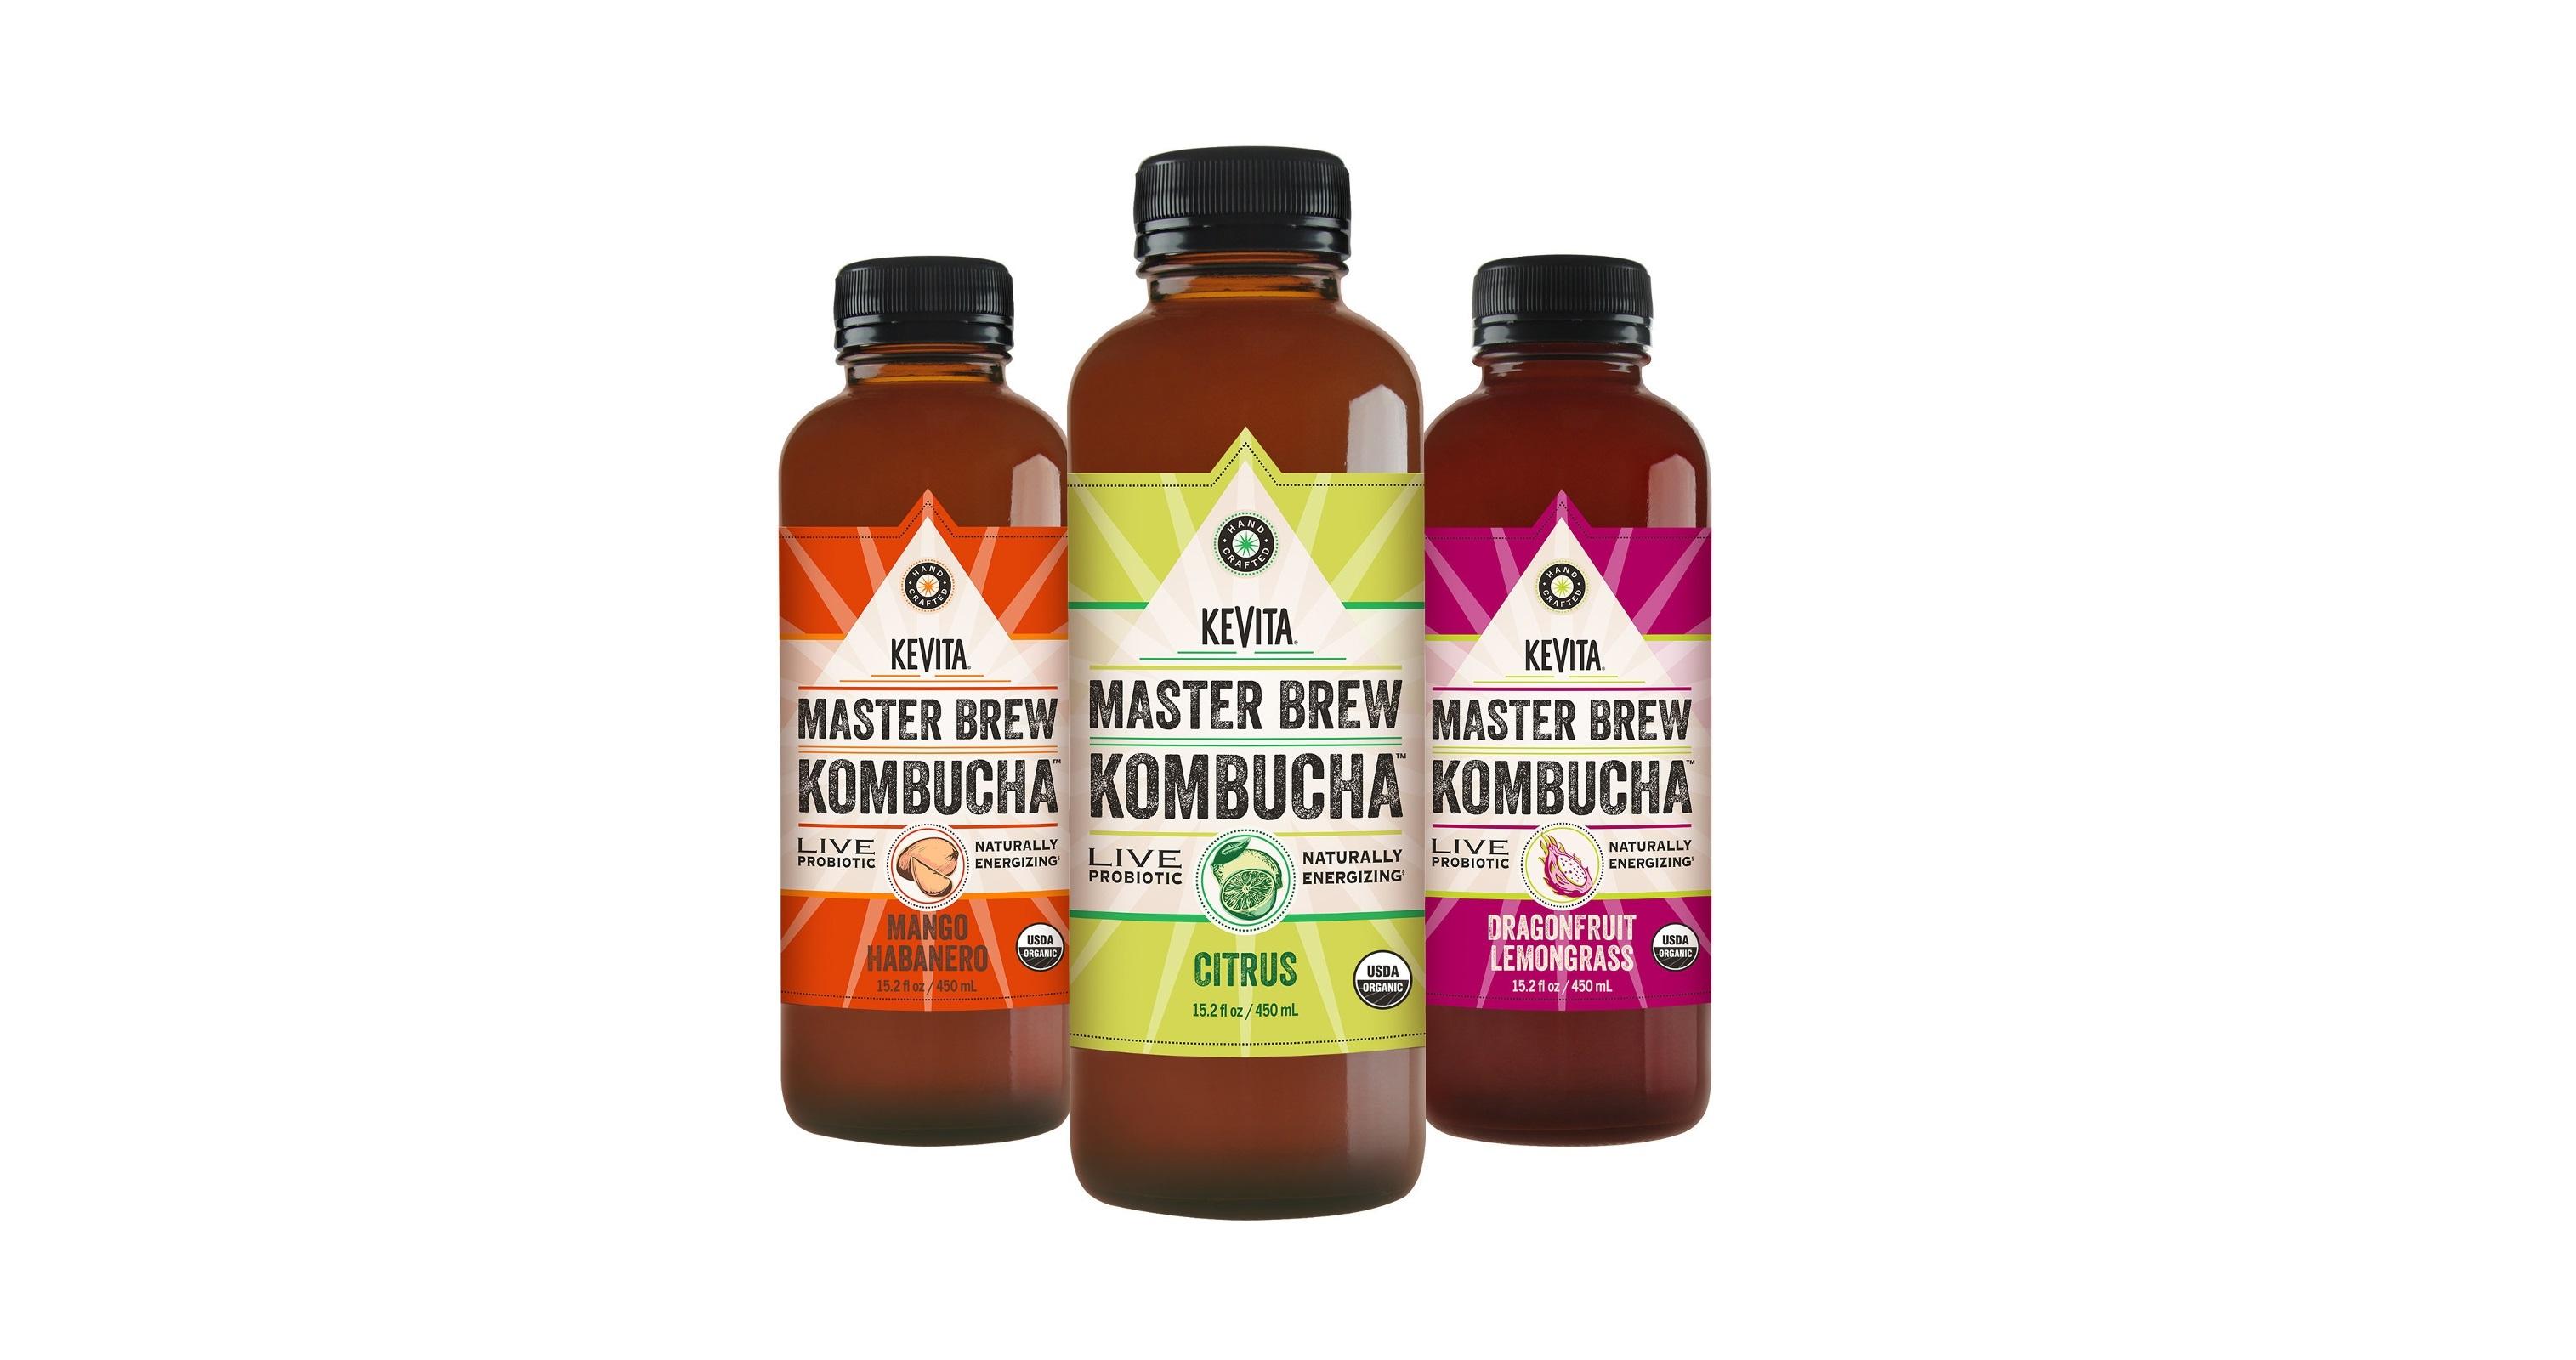 KeVita Introduces Three New Master Brew Kombucha Flavors